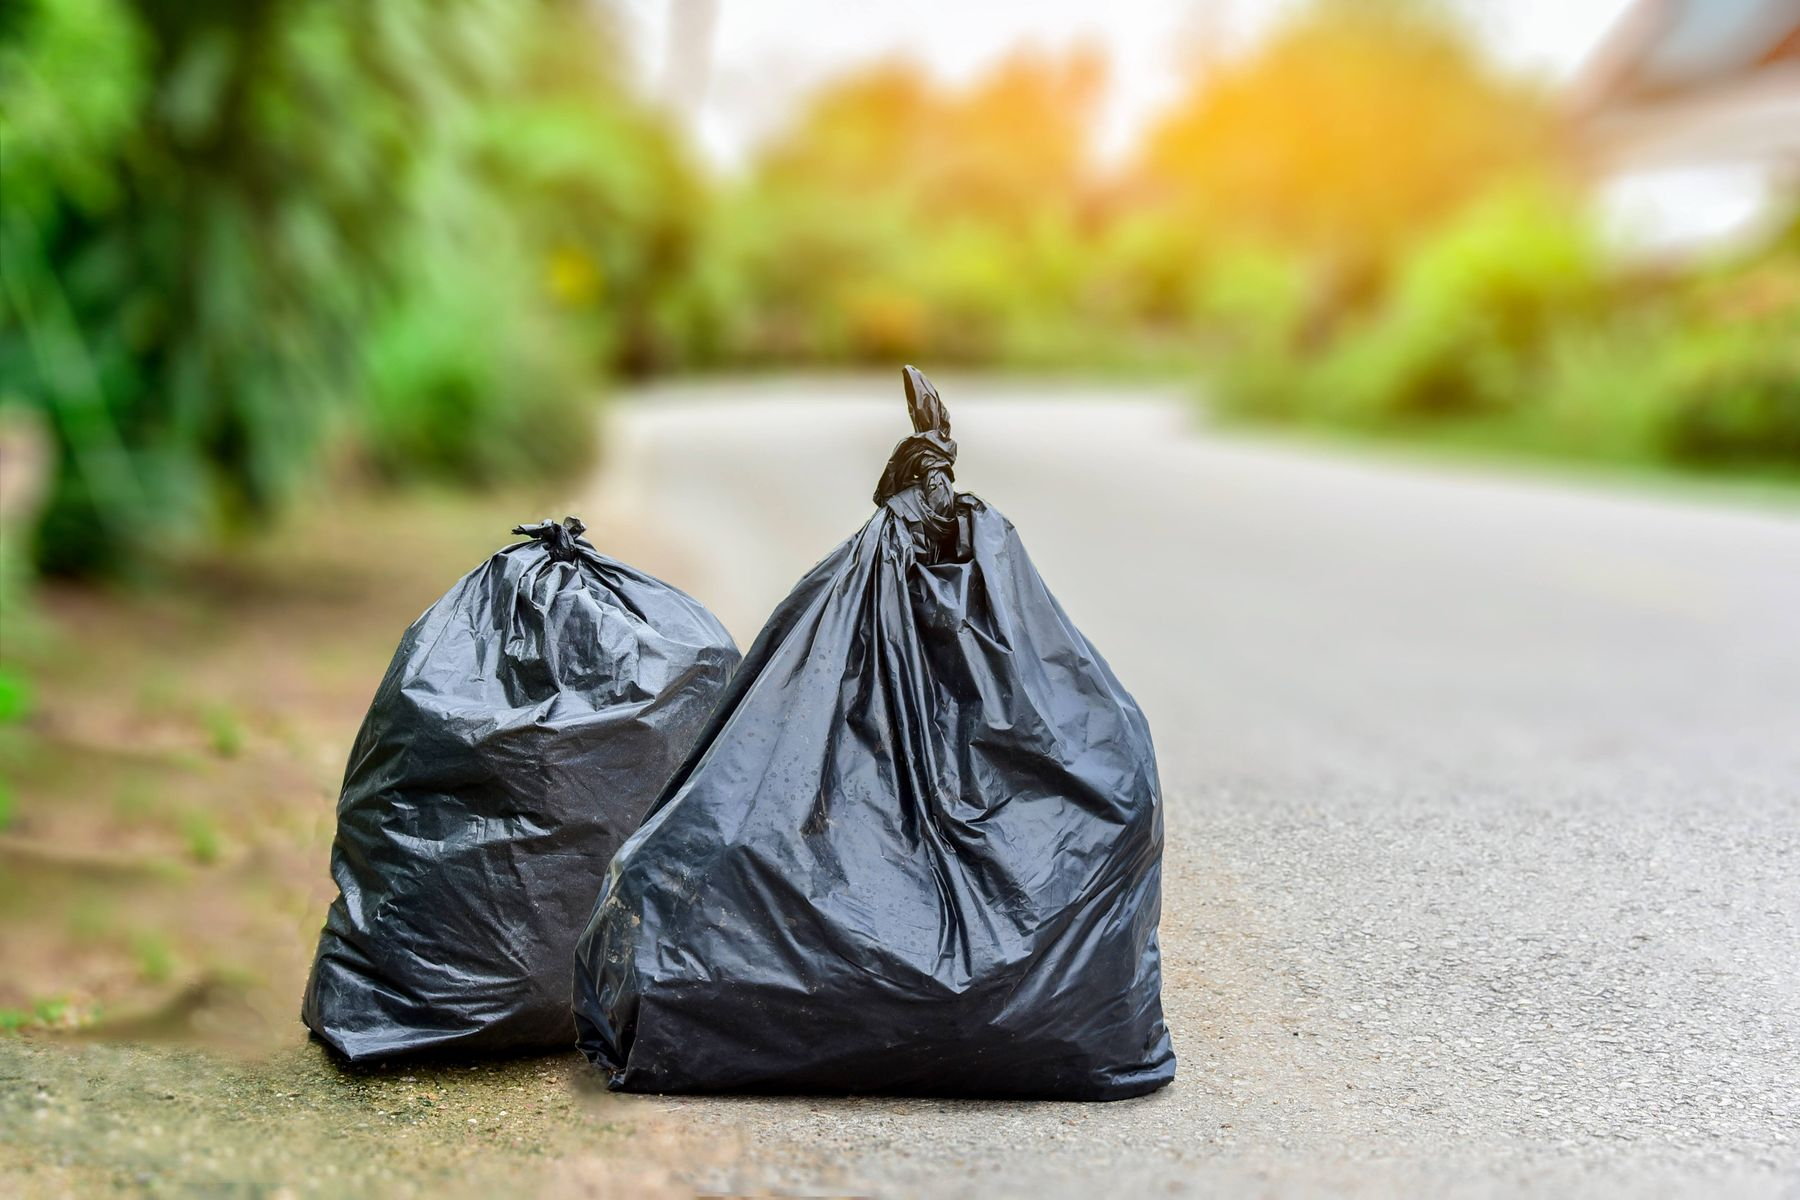 Làm sao để xử lý rác thải gia đình hiệu quả nhất?